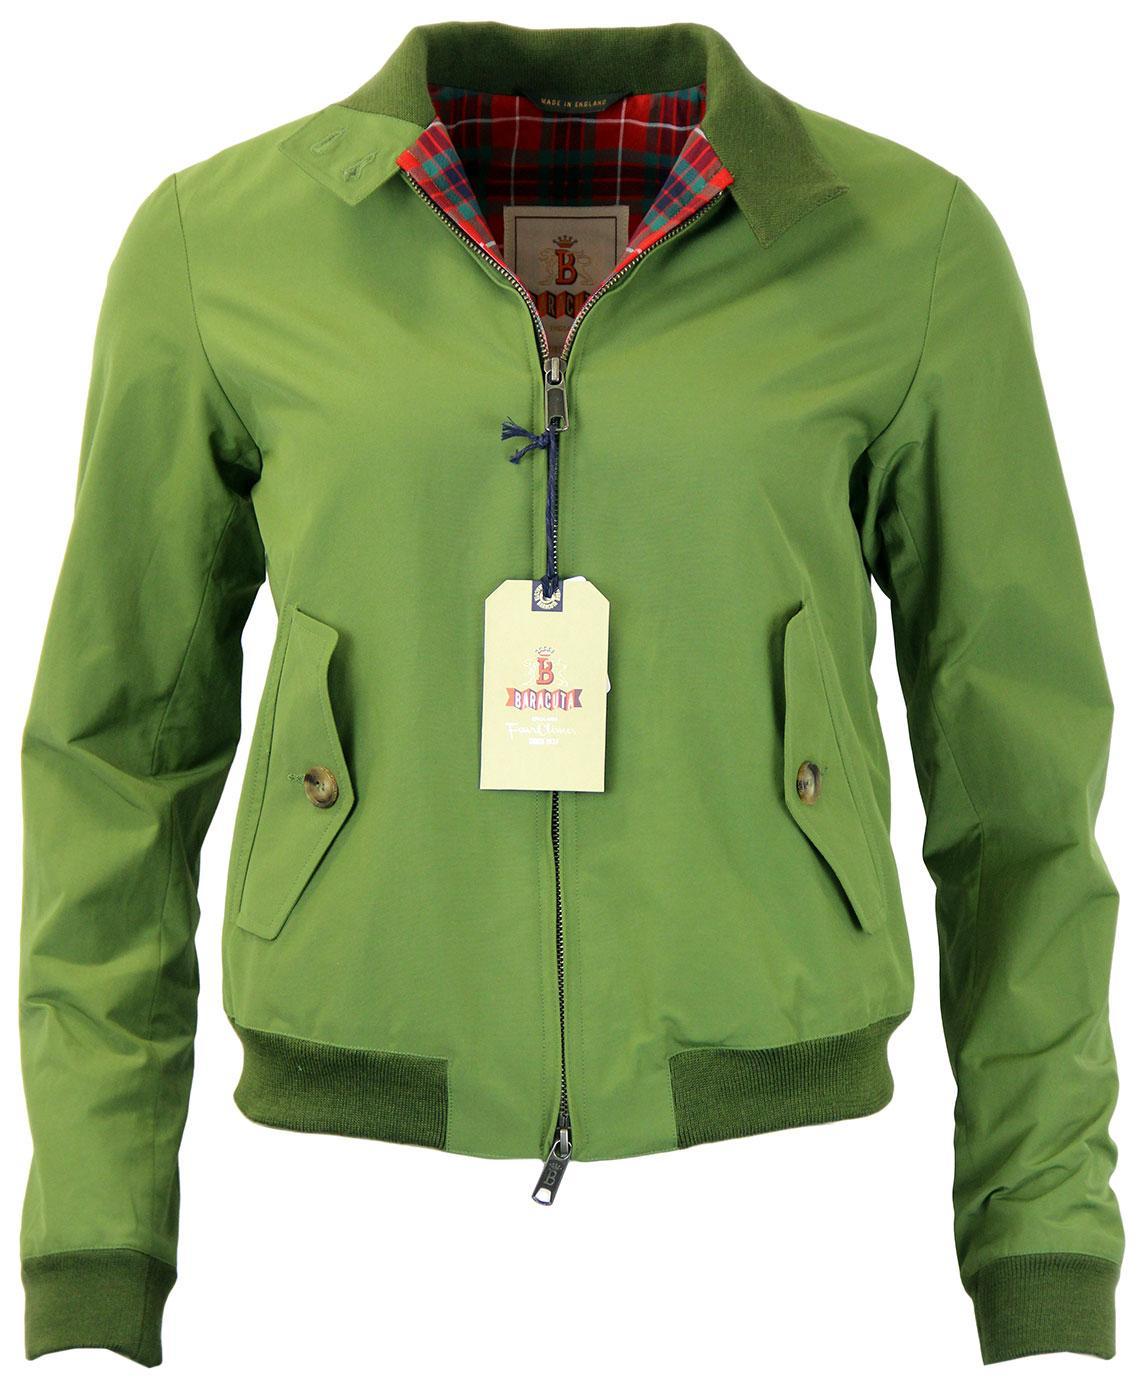 BARACUTA Womens G9 Original Harrington Jacket (OG)